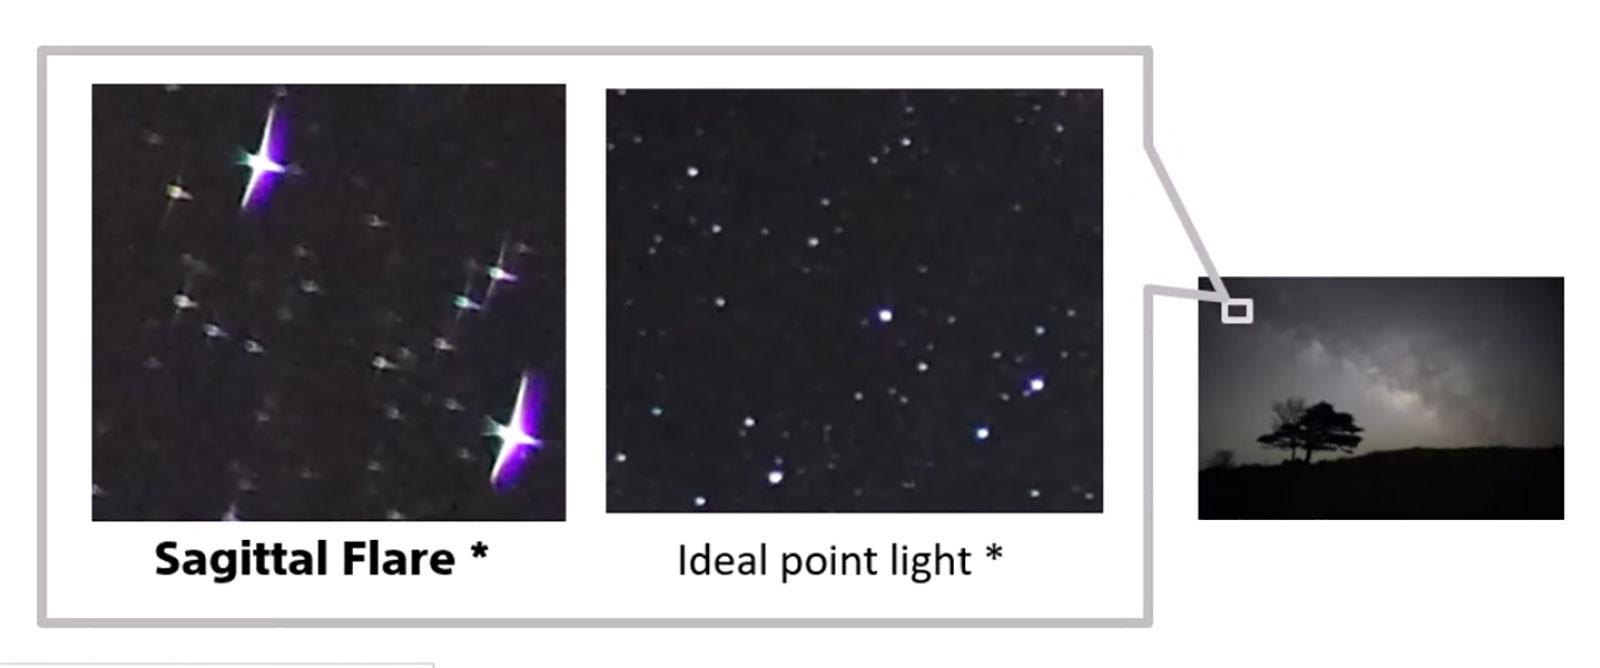 Sagittal Flare